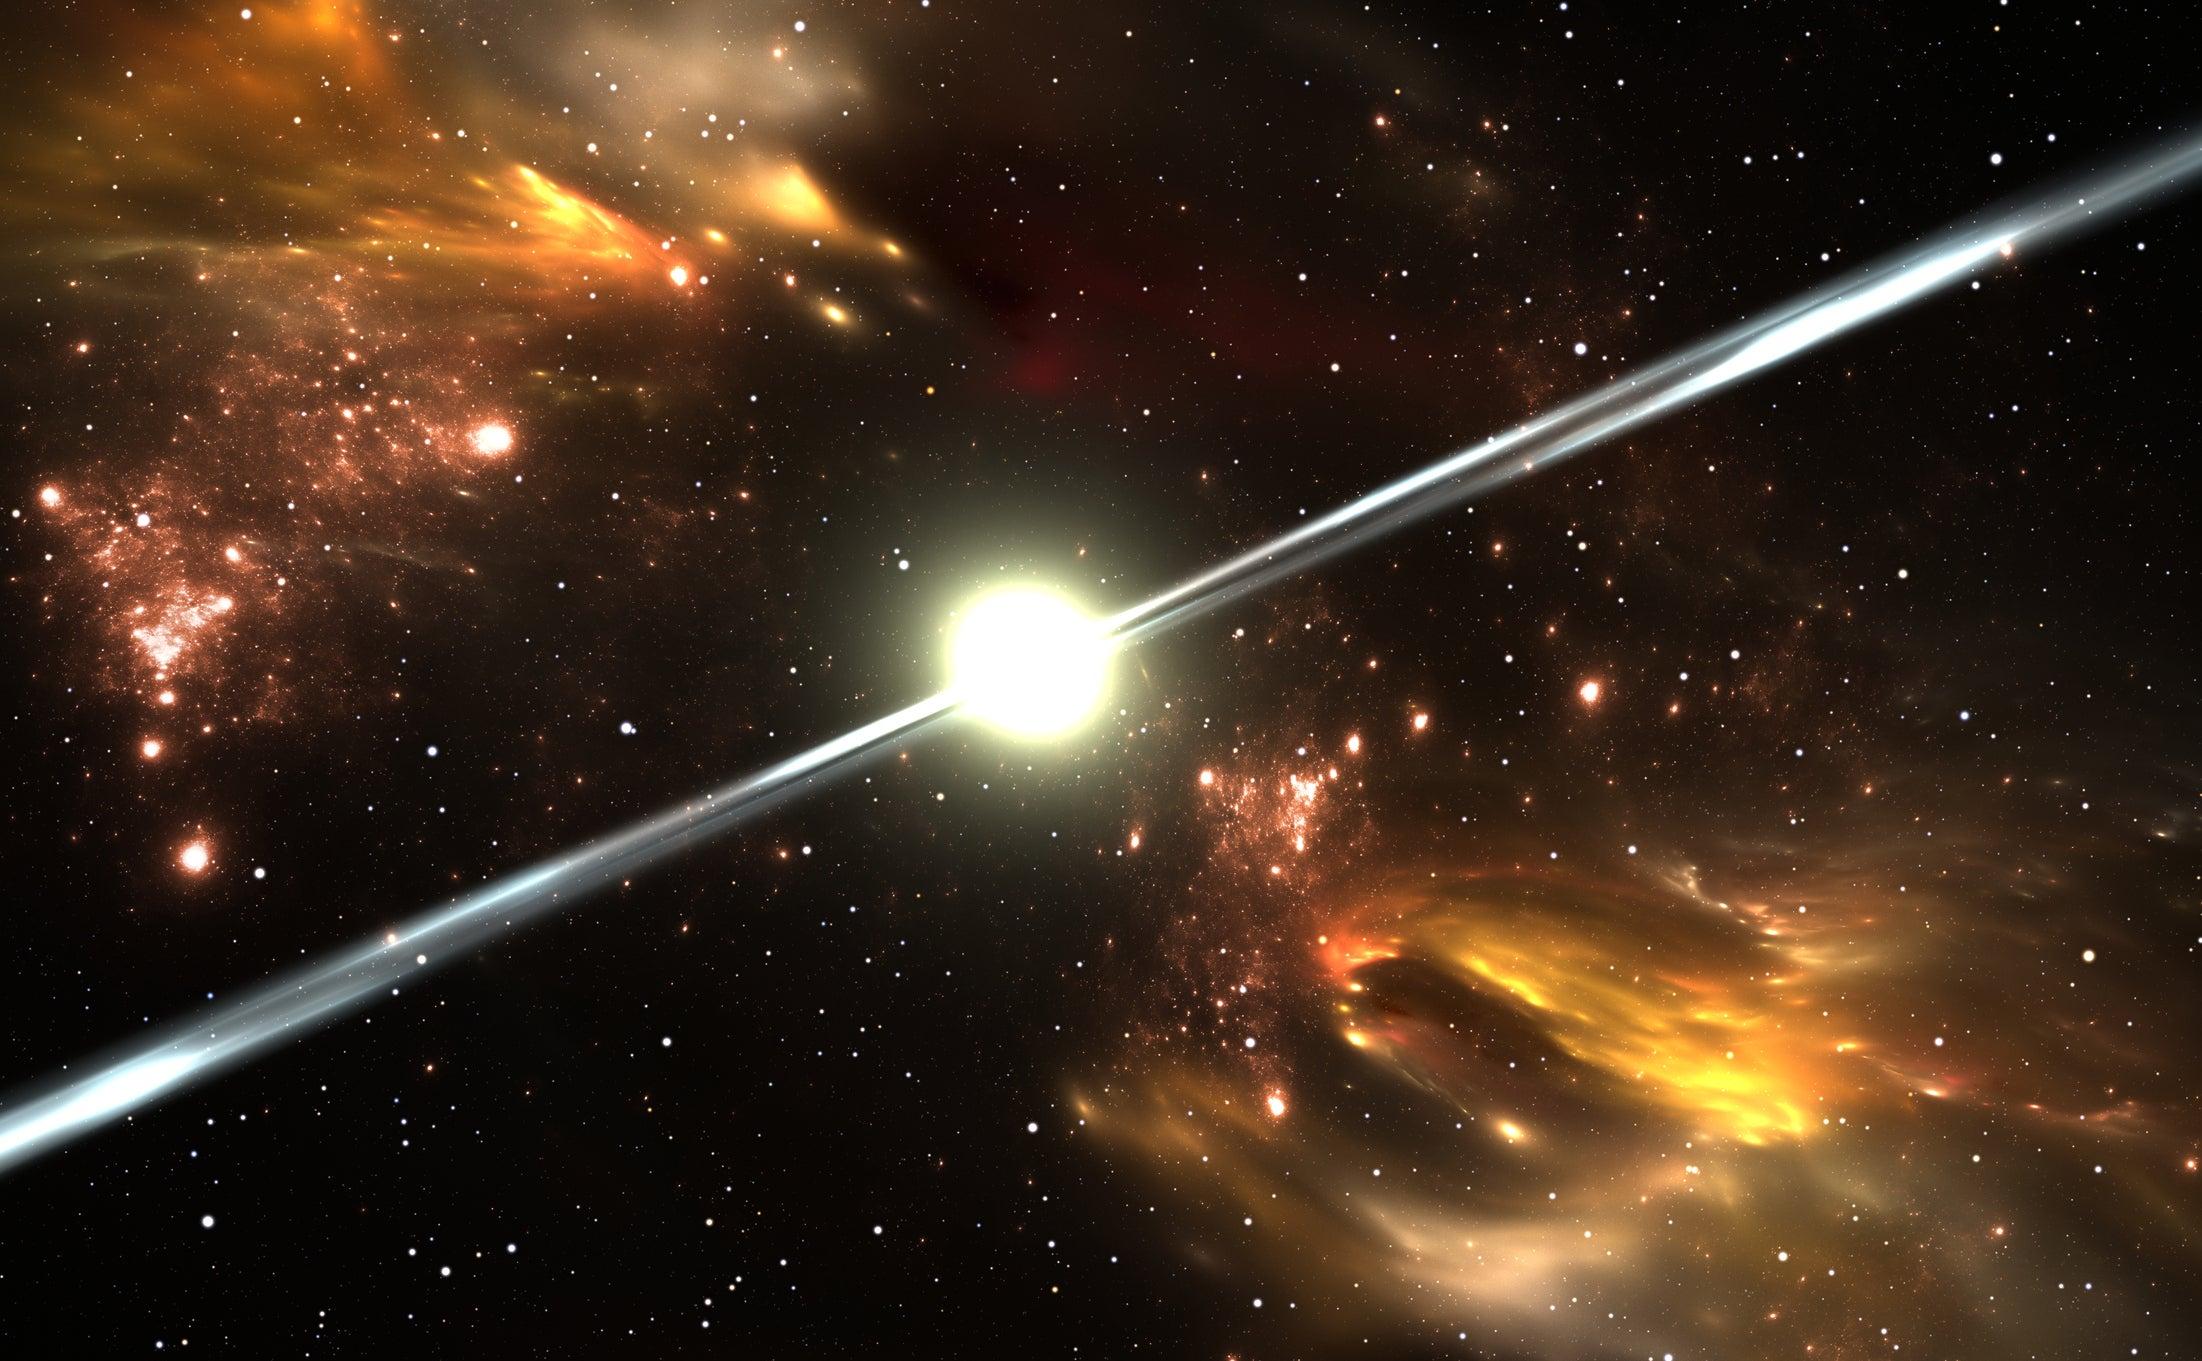 کشف یک اختر تپنده که از خود پرتوهای کاگا ساطع می کند